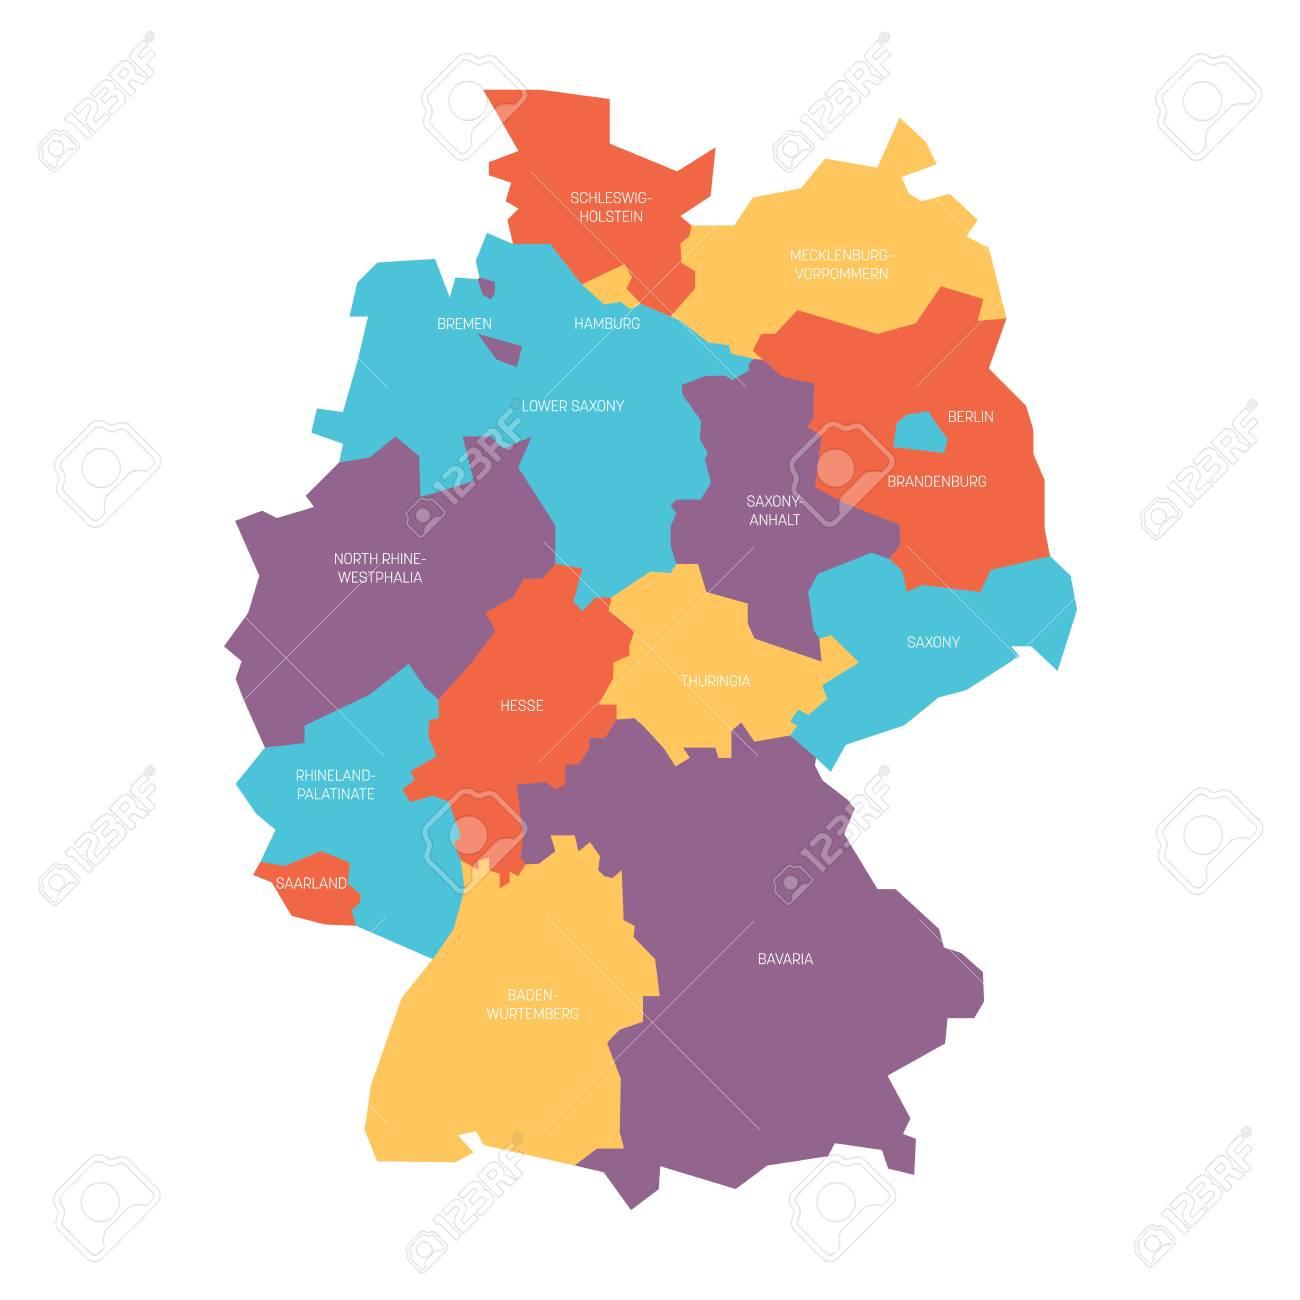 Carte Allemagne Divisee.Carte De L Allemagne Divisee En 13 Etats Federaux Et 3 Villes Etats Berlin Breme Et Hambourg En Europe Carte Vectorielle Simple Et Plate Dans